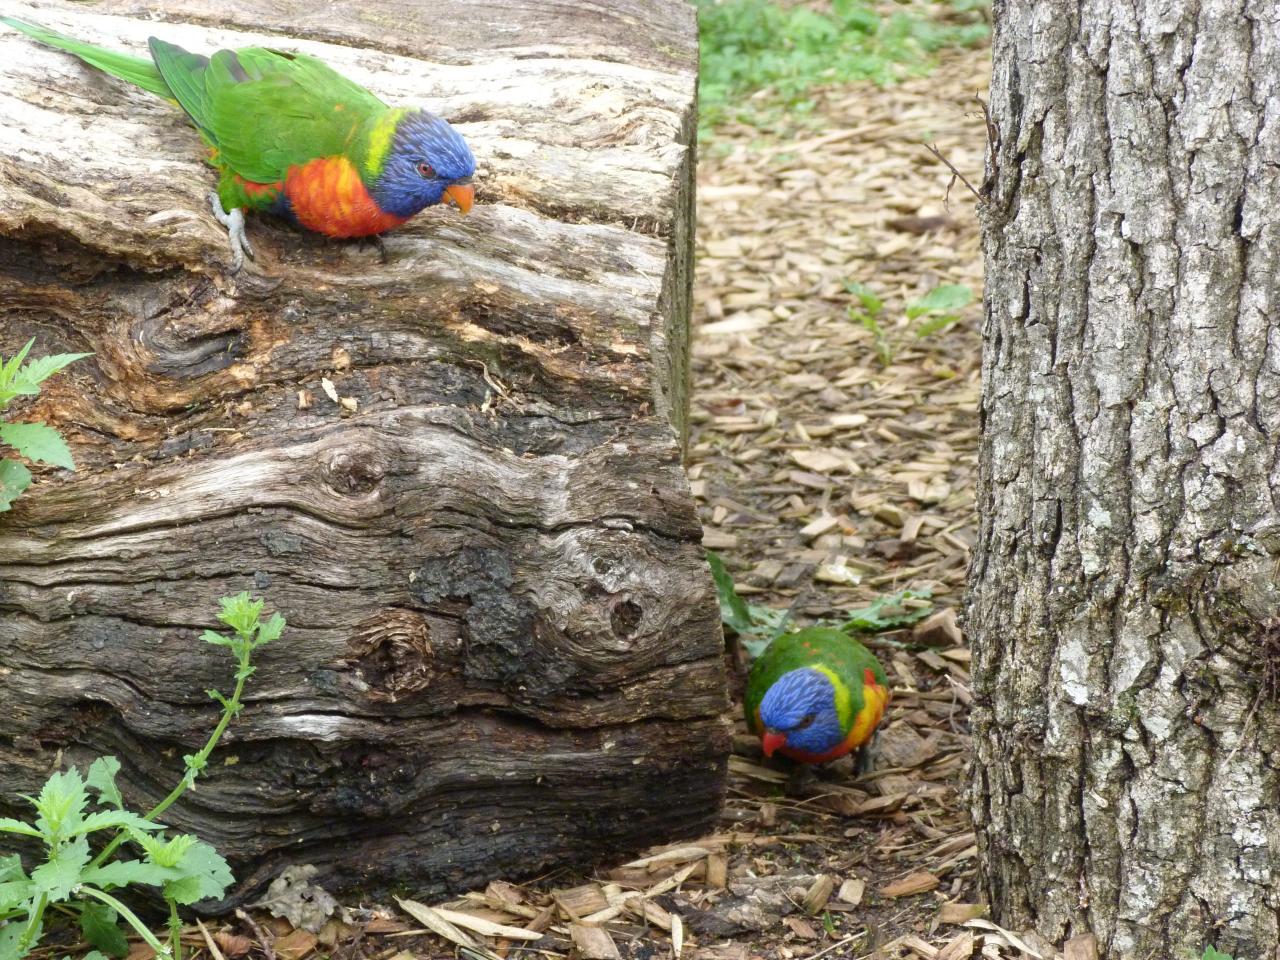 Parc des oiseaux de Villars les Dombes 02-09-2012 (95)